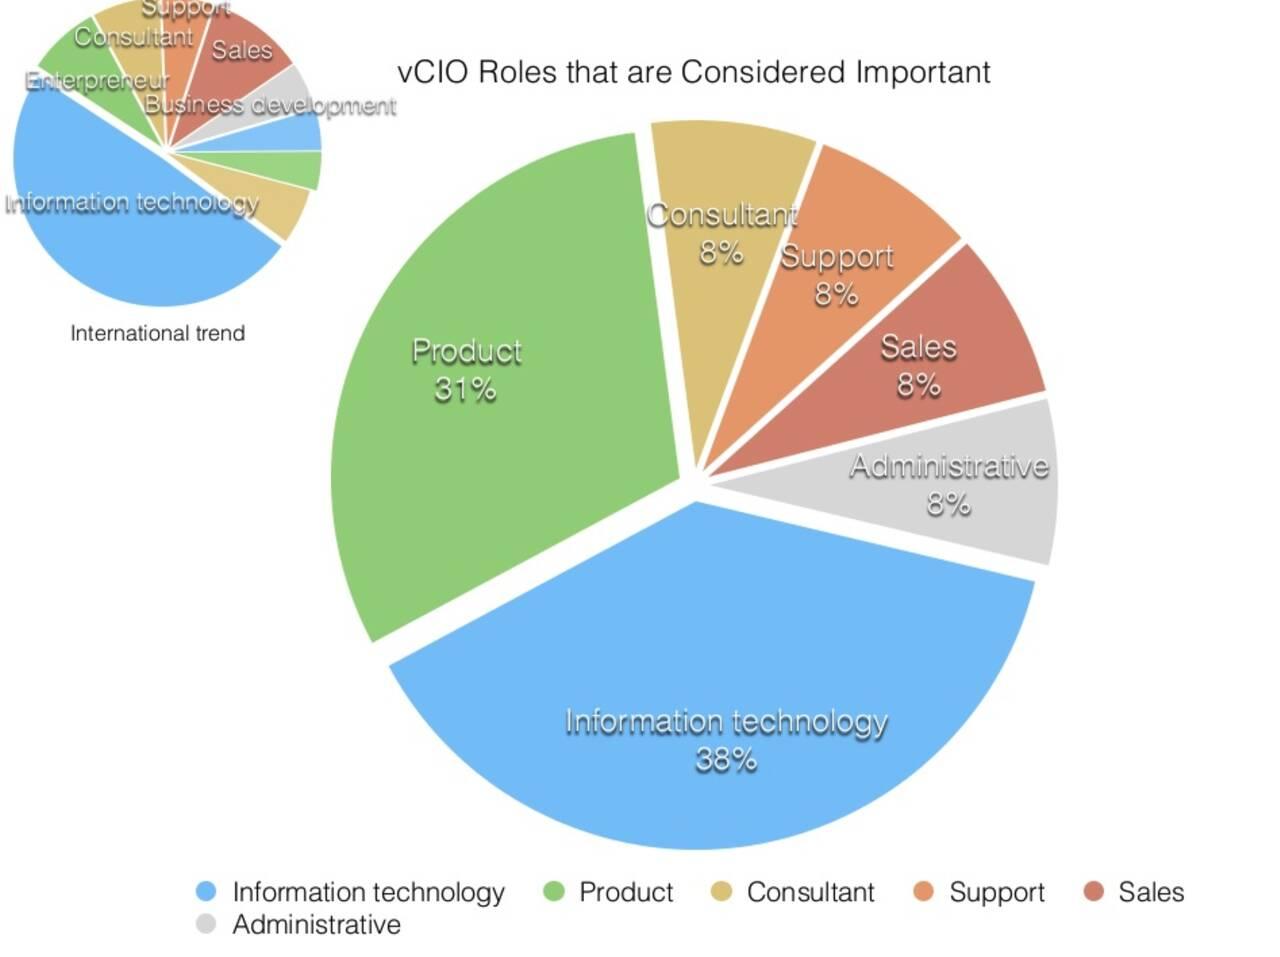 vCIO roles in Australia